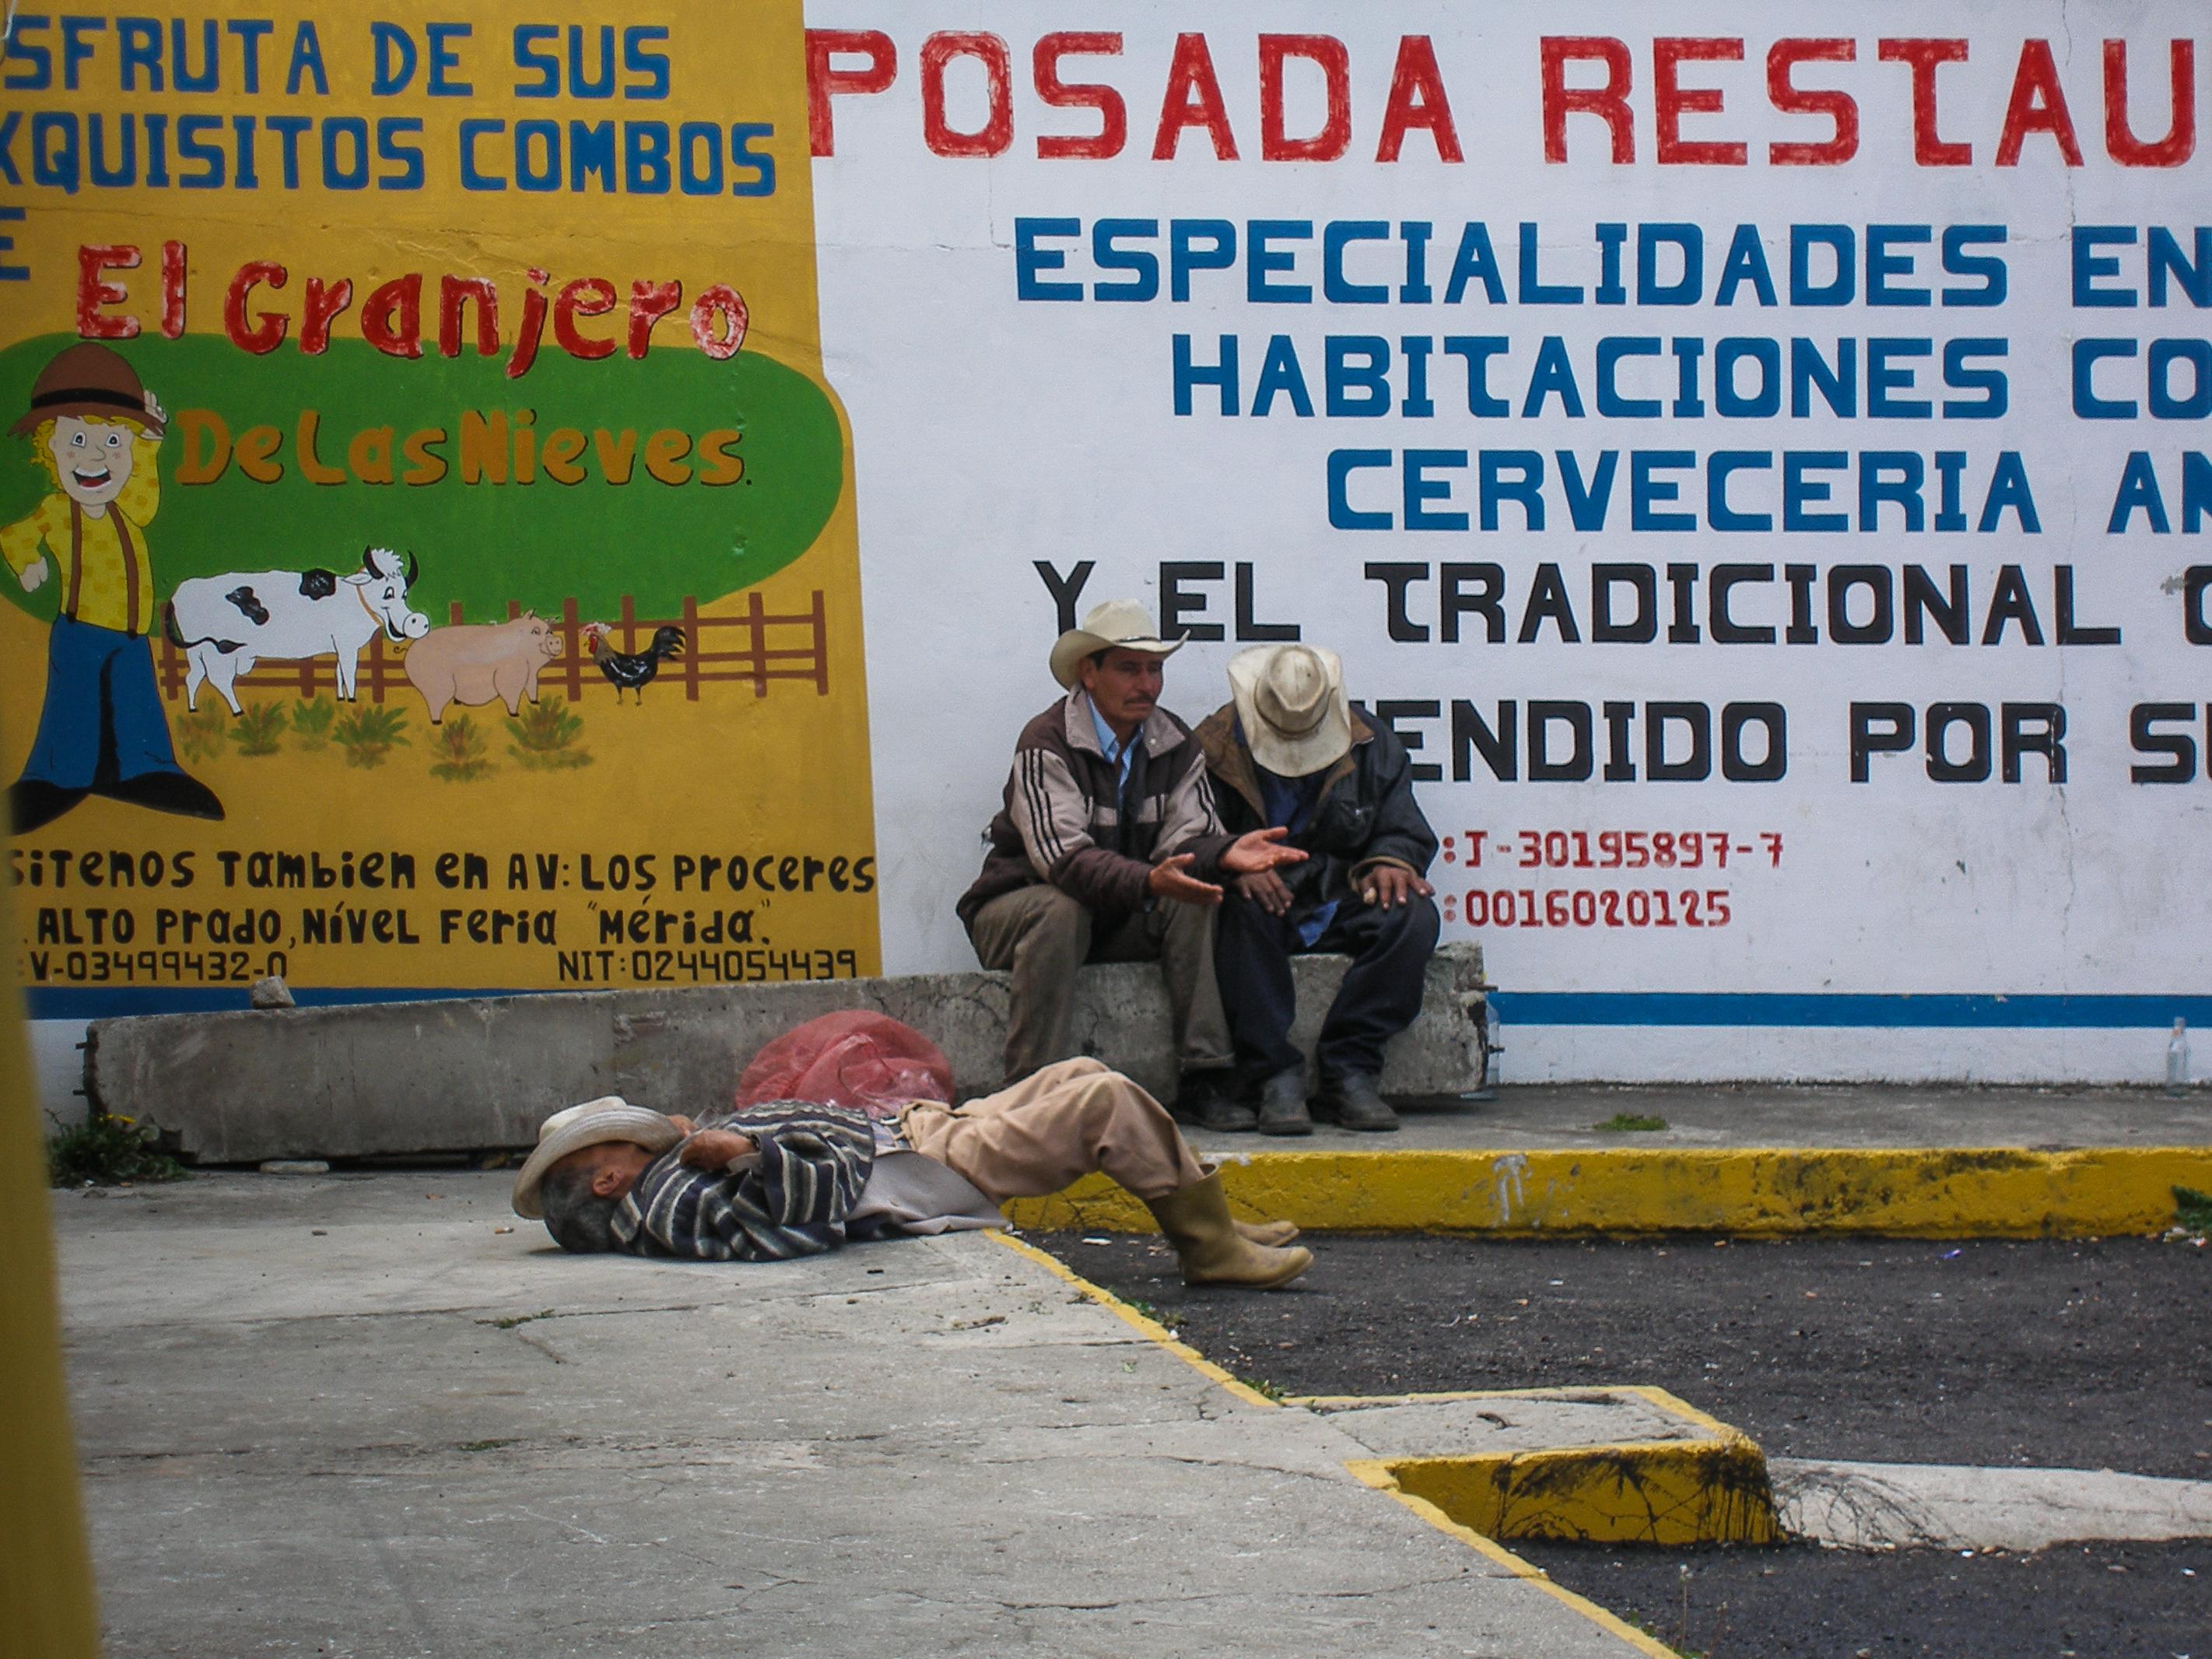 Mérida, Venezuela, South America